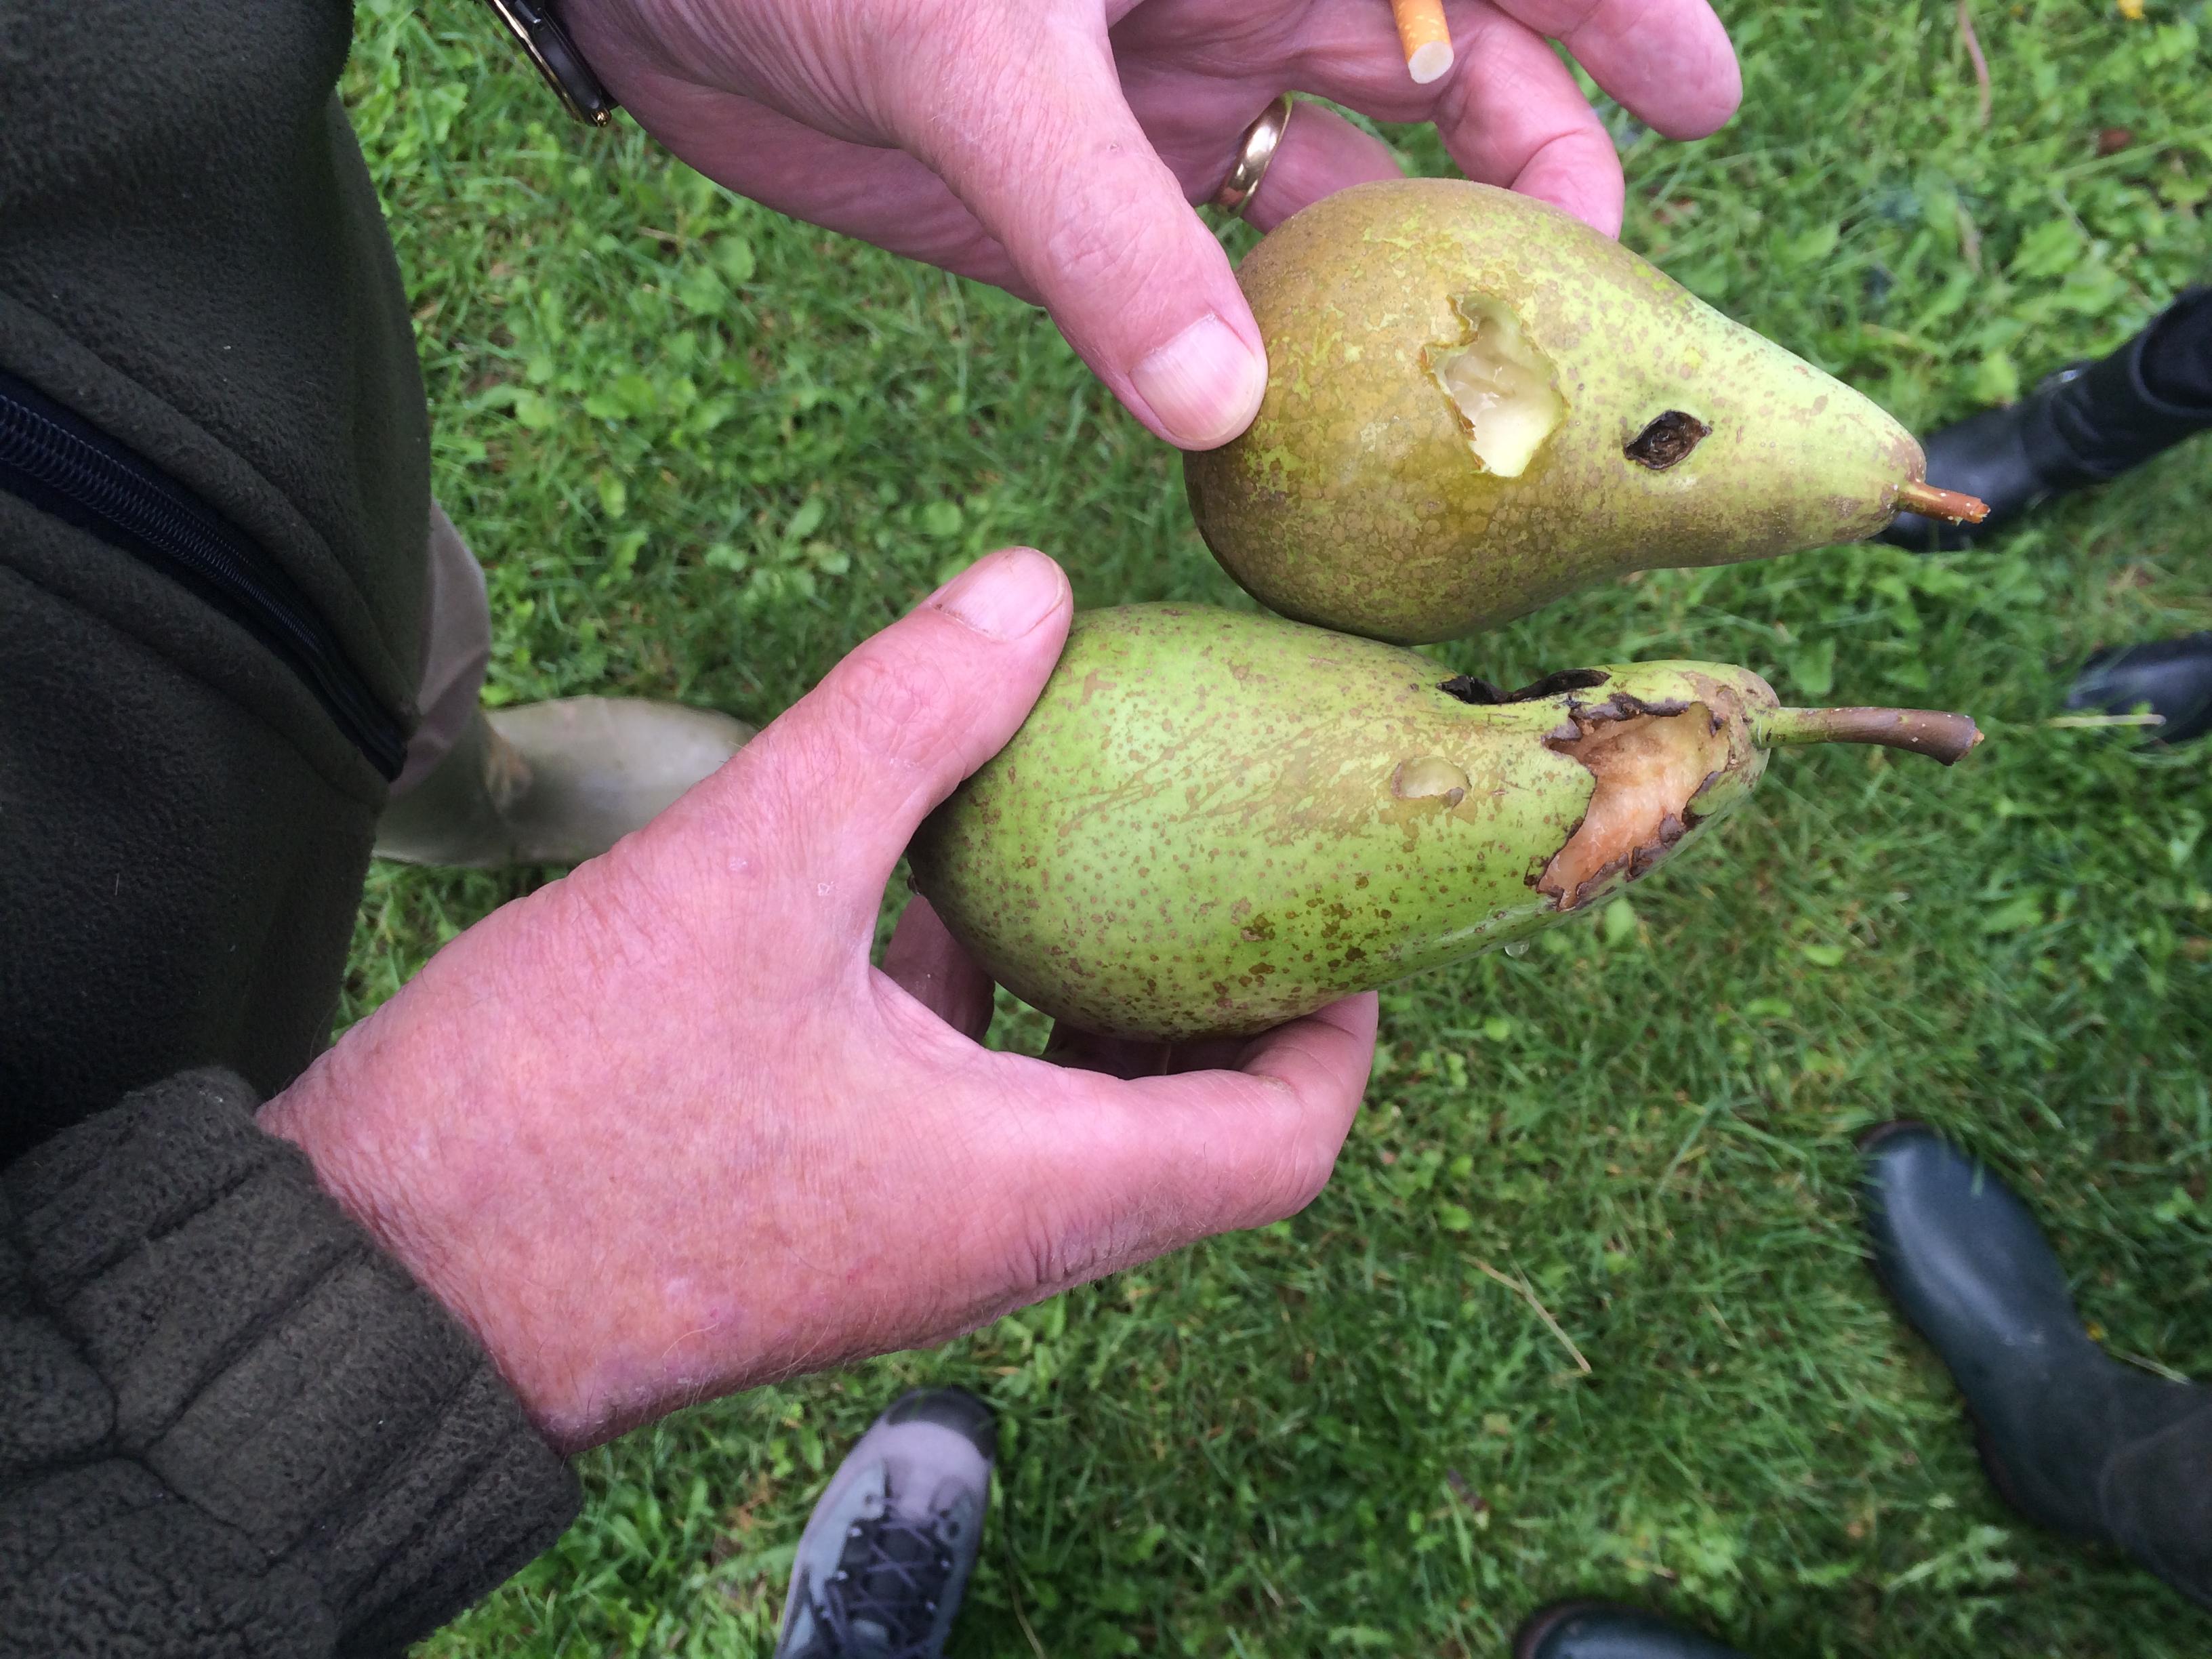 Fruitschade door vogels wordt voor 60% vergoed. (Foto: aangeleverd)